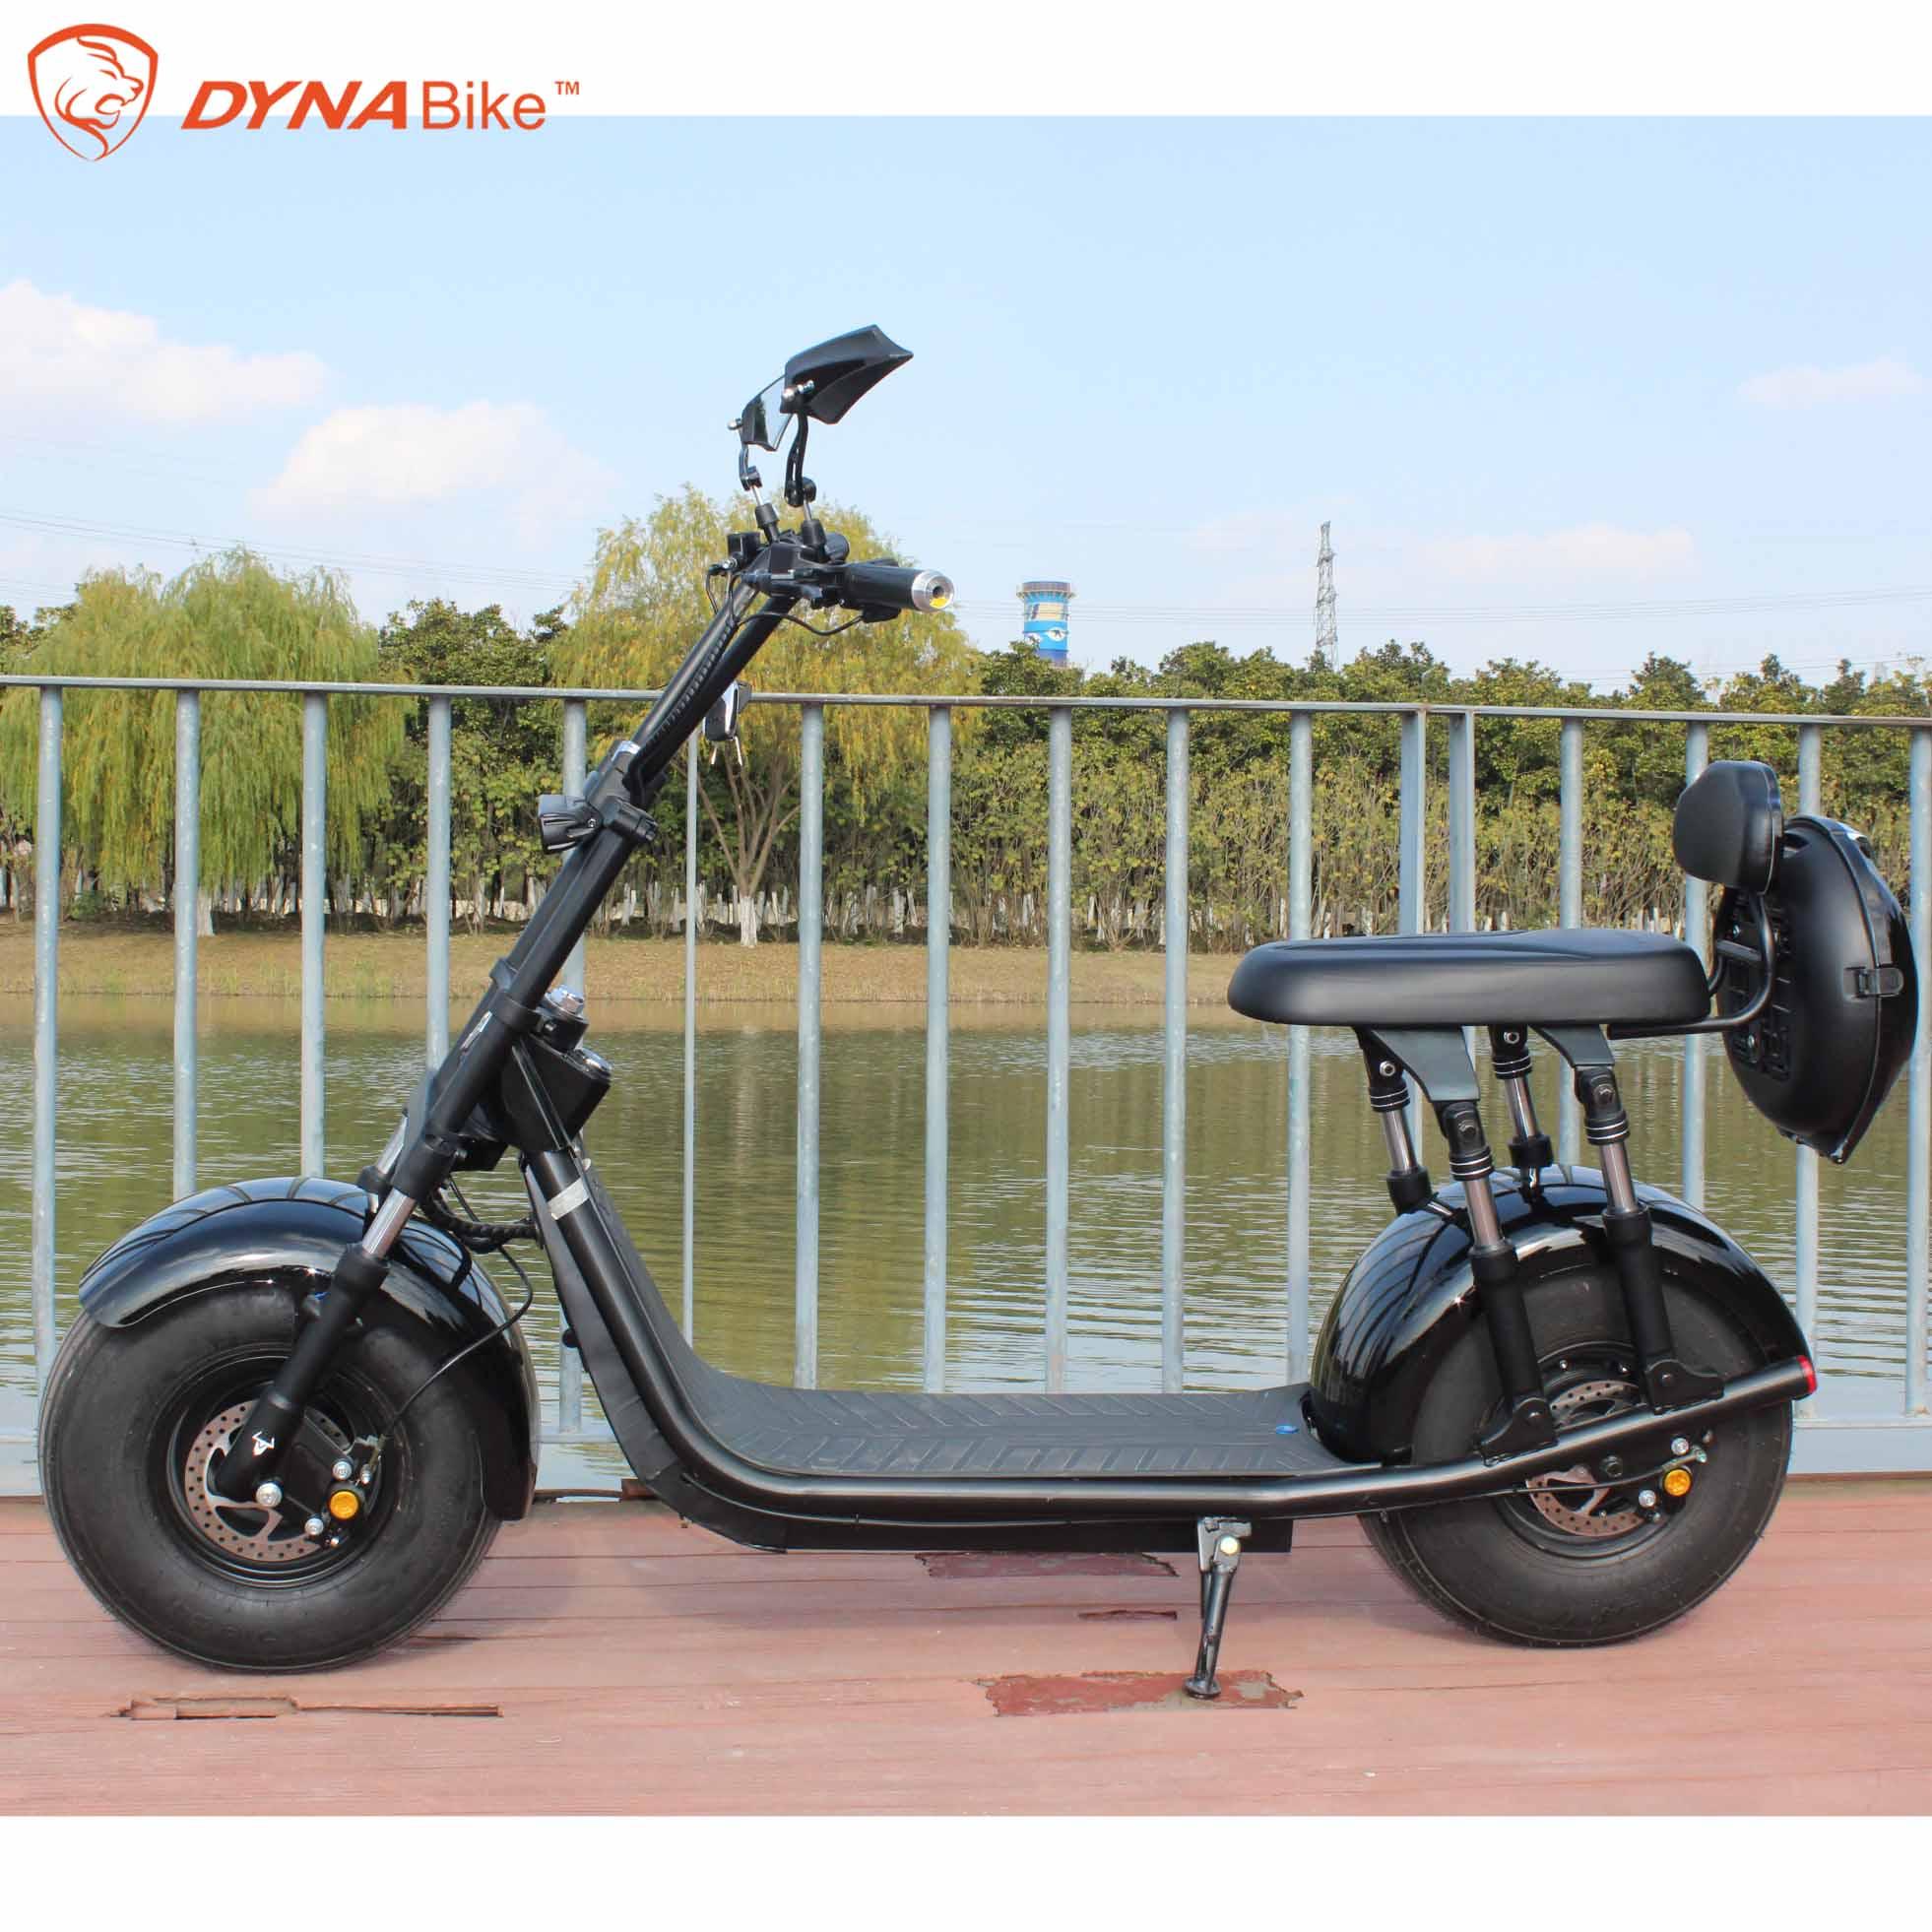 2000 Вт 21,8 Ач батарея ЕС одобрено EEC и COC Электрический мотоцикл citycoco скутер